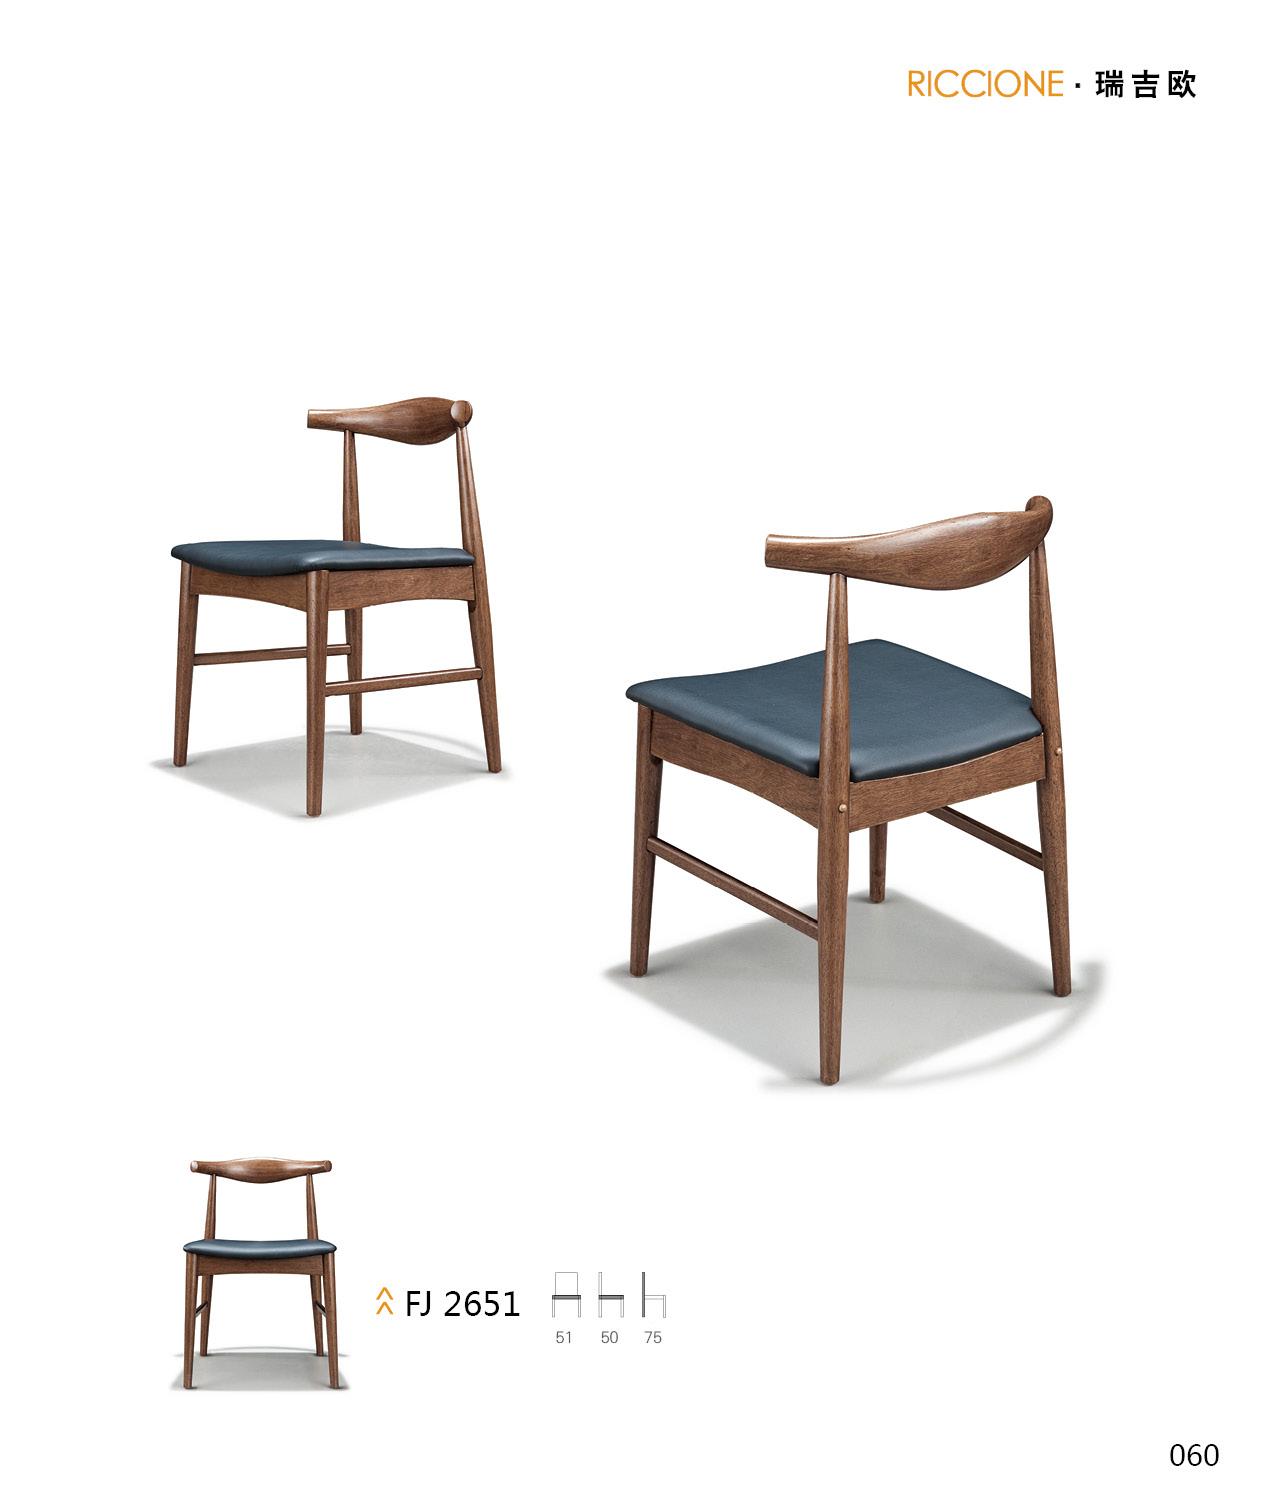 FJ 2651 休闲椅